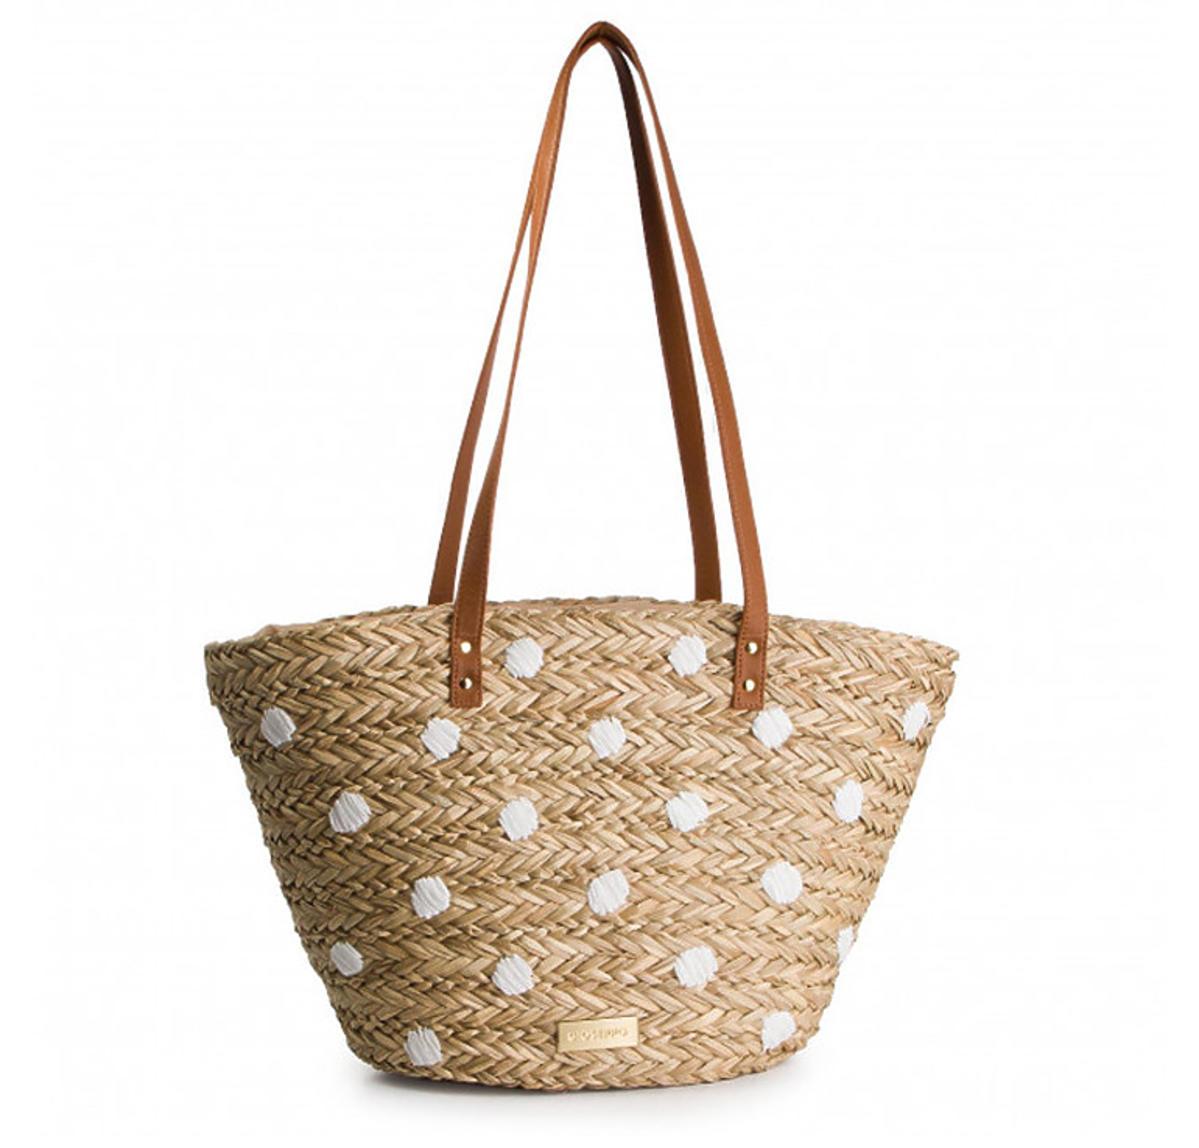 Słomiana torebka marki Gioseppo